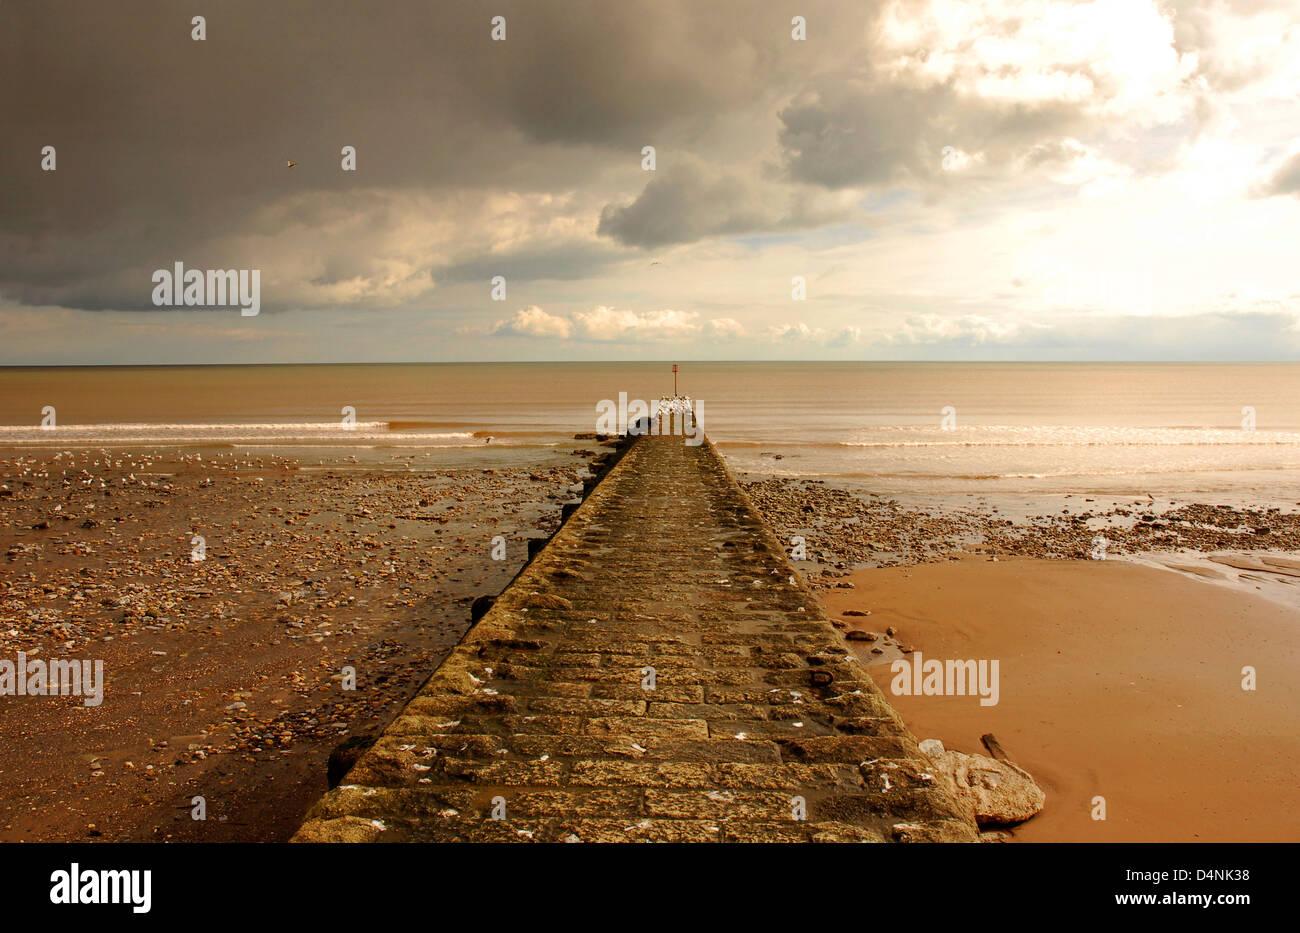 Playa de escena de invierno - malecón que conducen a las ondas - Líneas - visual fuerte tormenta dramática Imagen De Stock